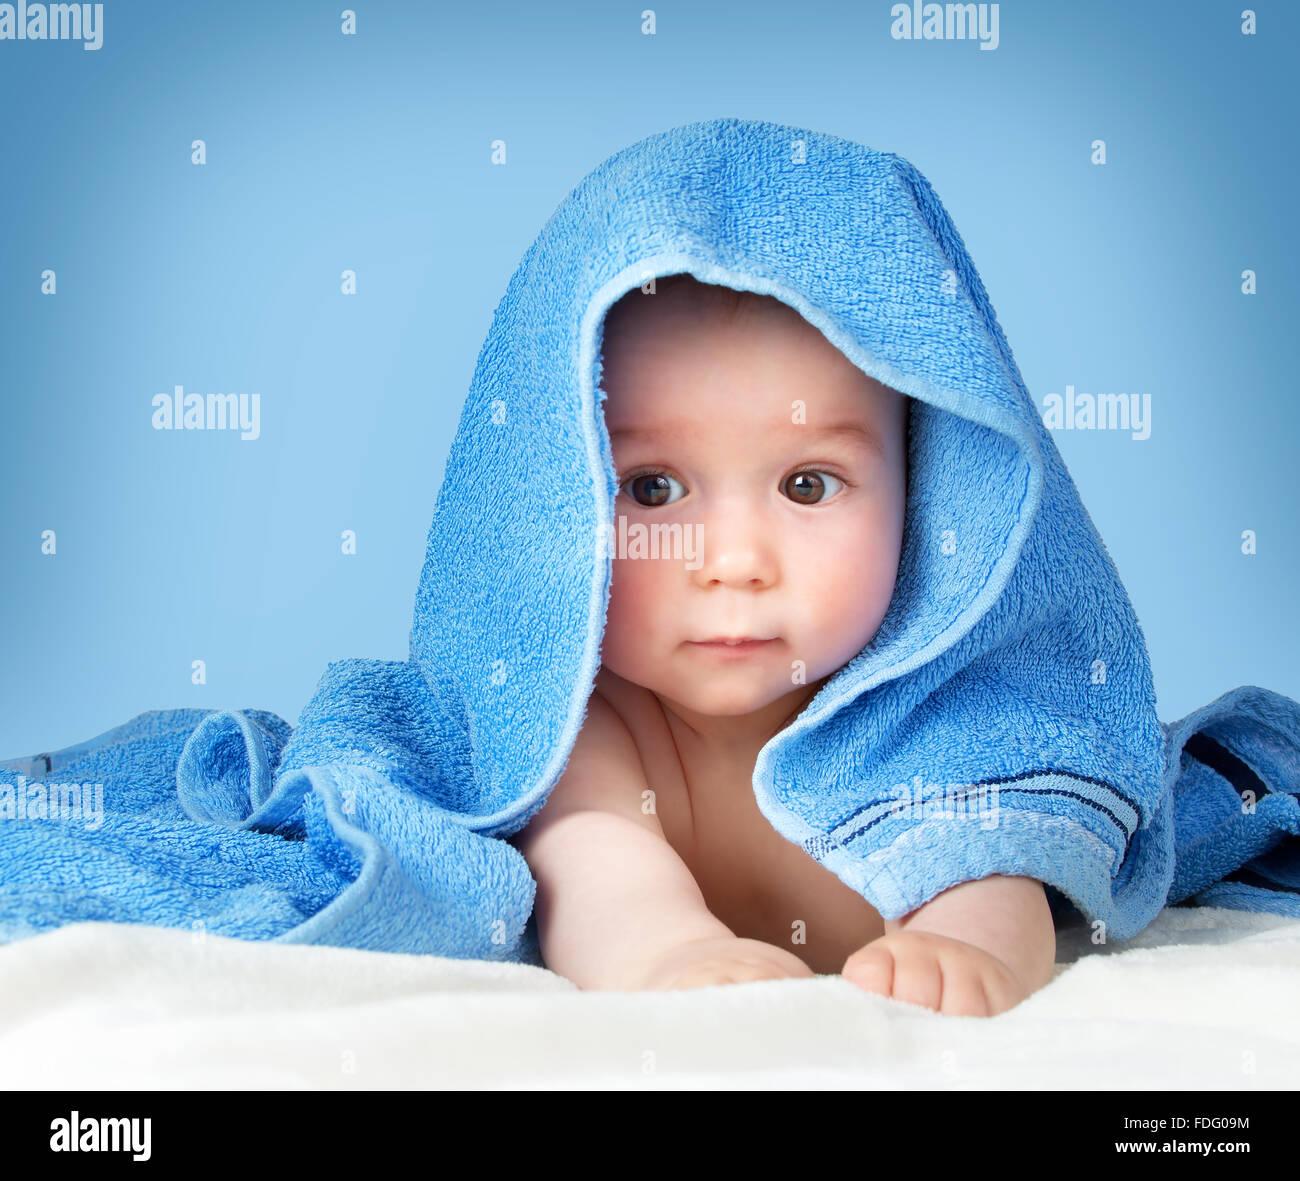 Niedliche Baby in ein Handtuch Stockbild